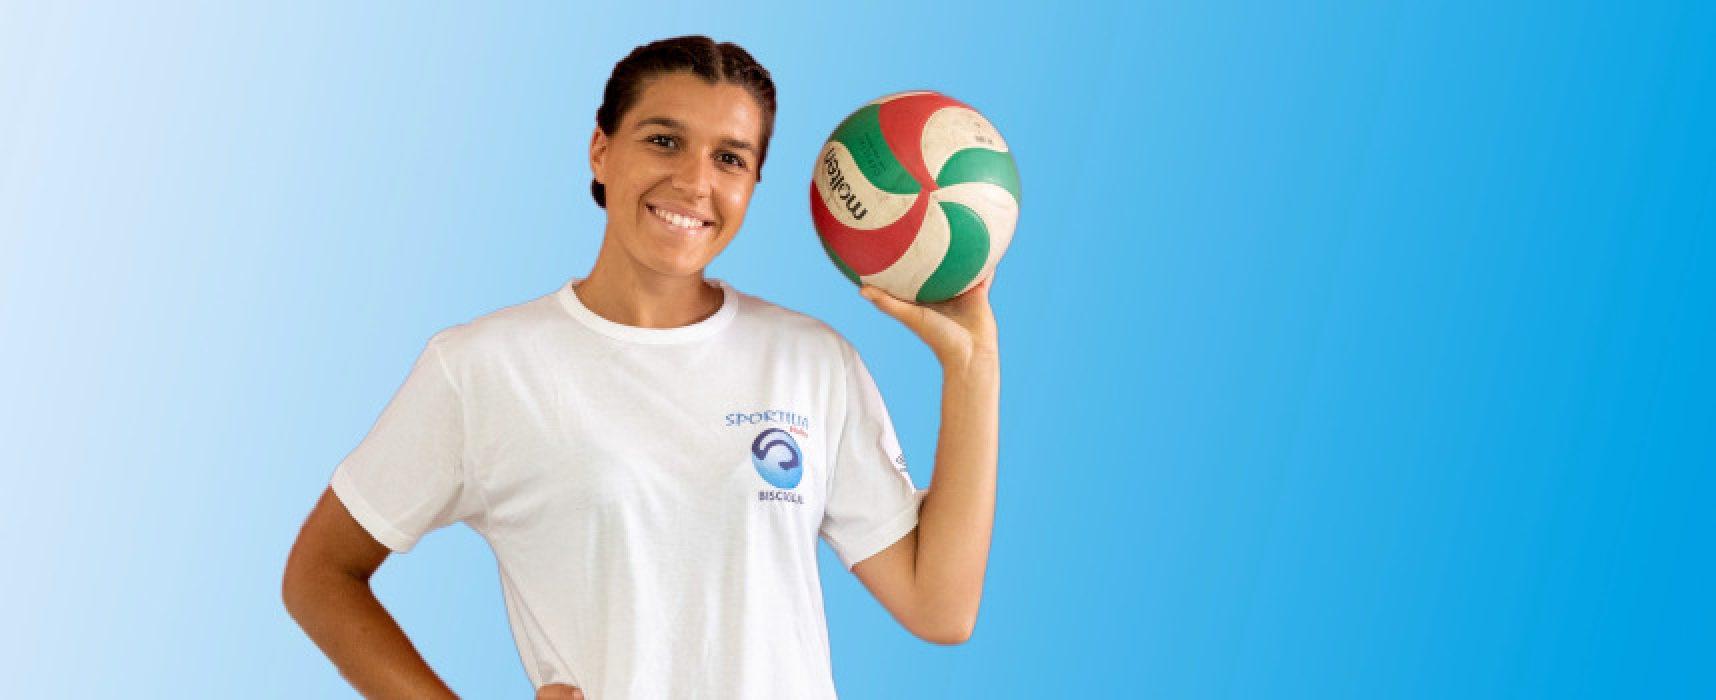 Primo movimento in entrata per Sportilia: torna Arianna Losciale